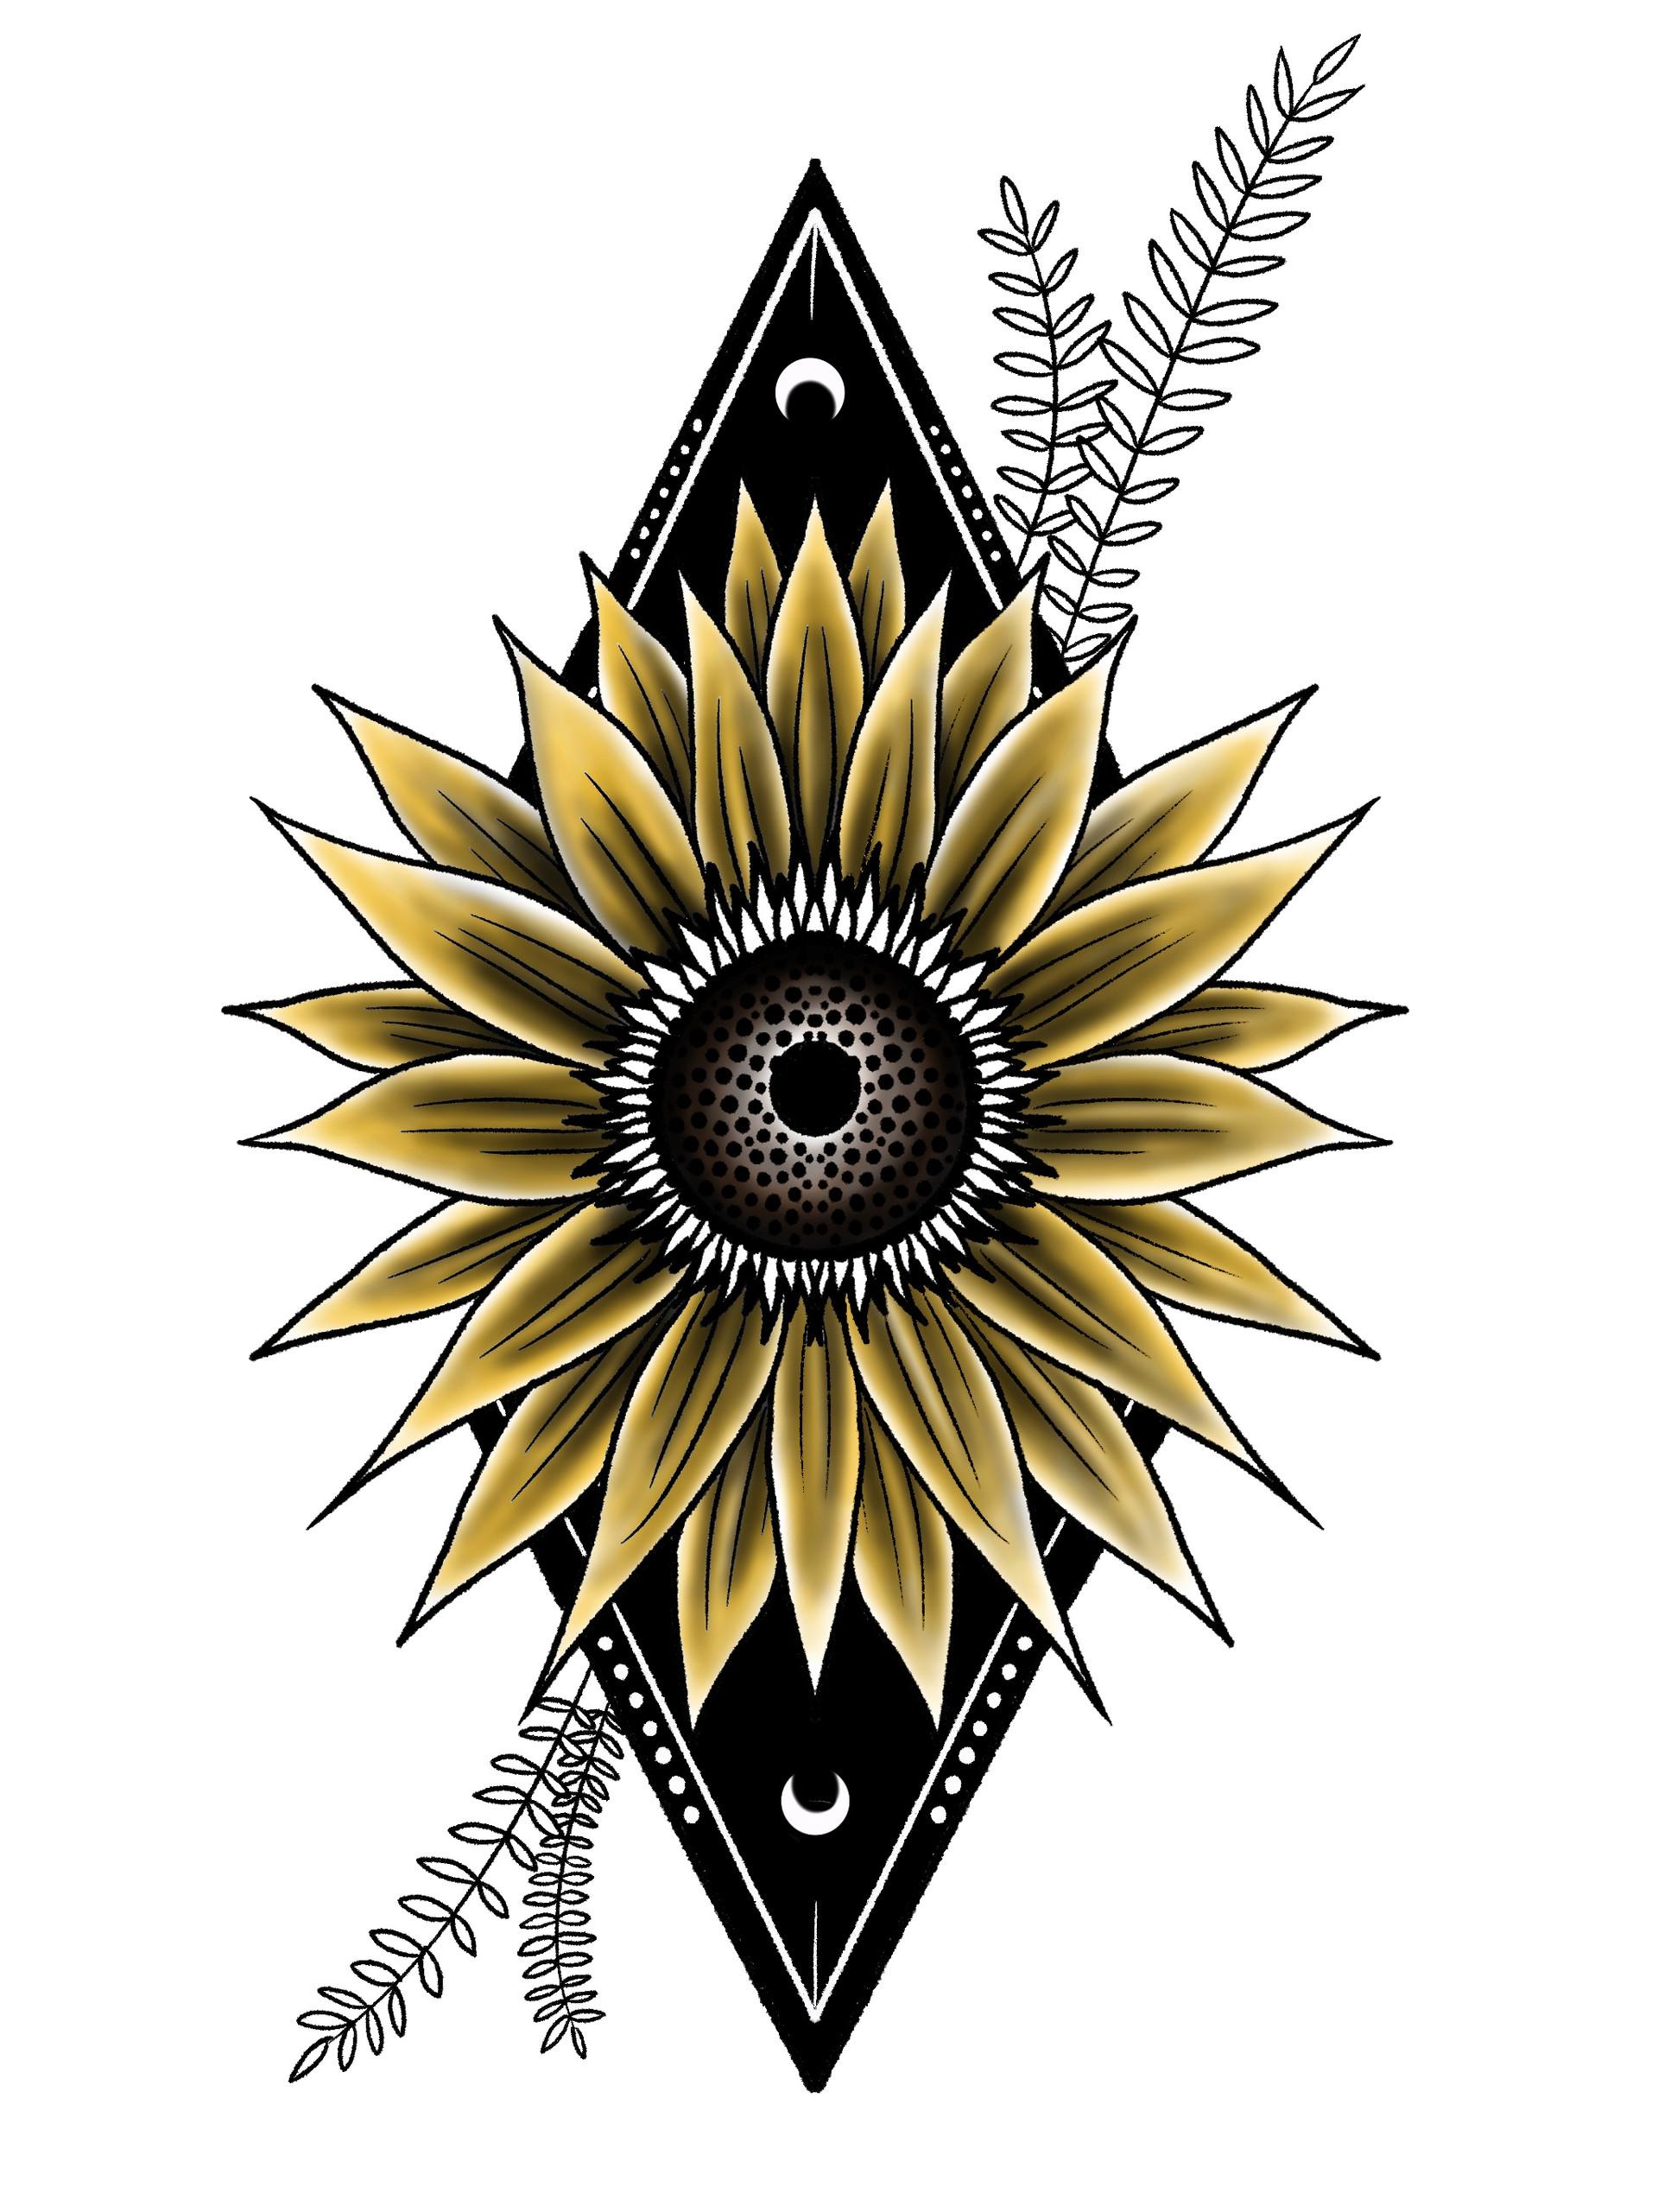 aliciavasquez_sunflowerdesign1.jpg